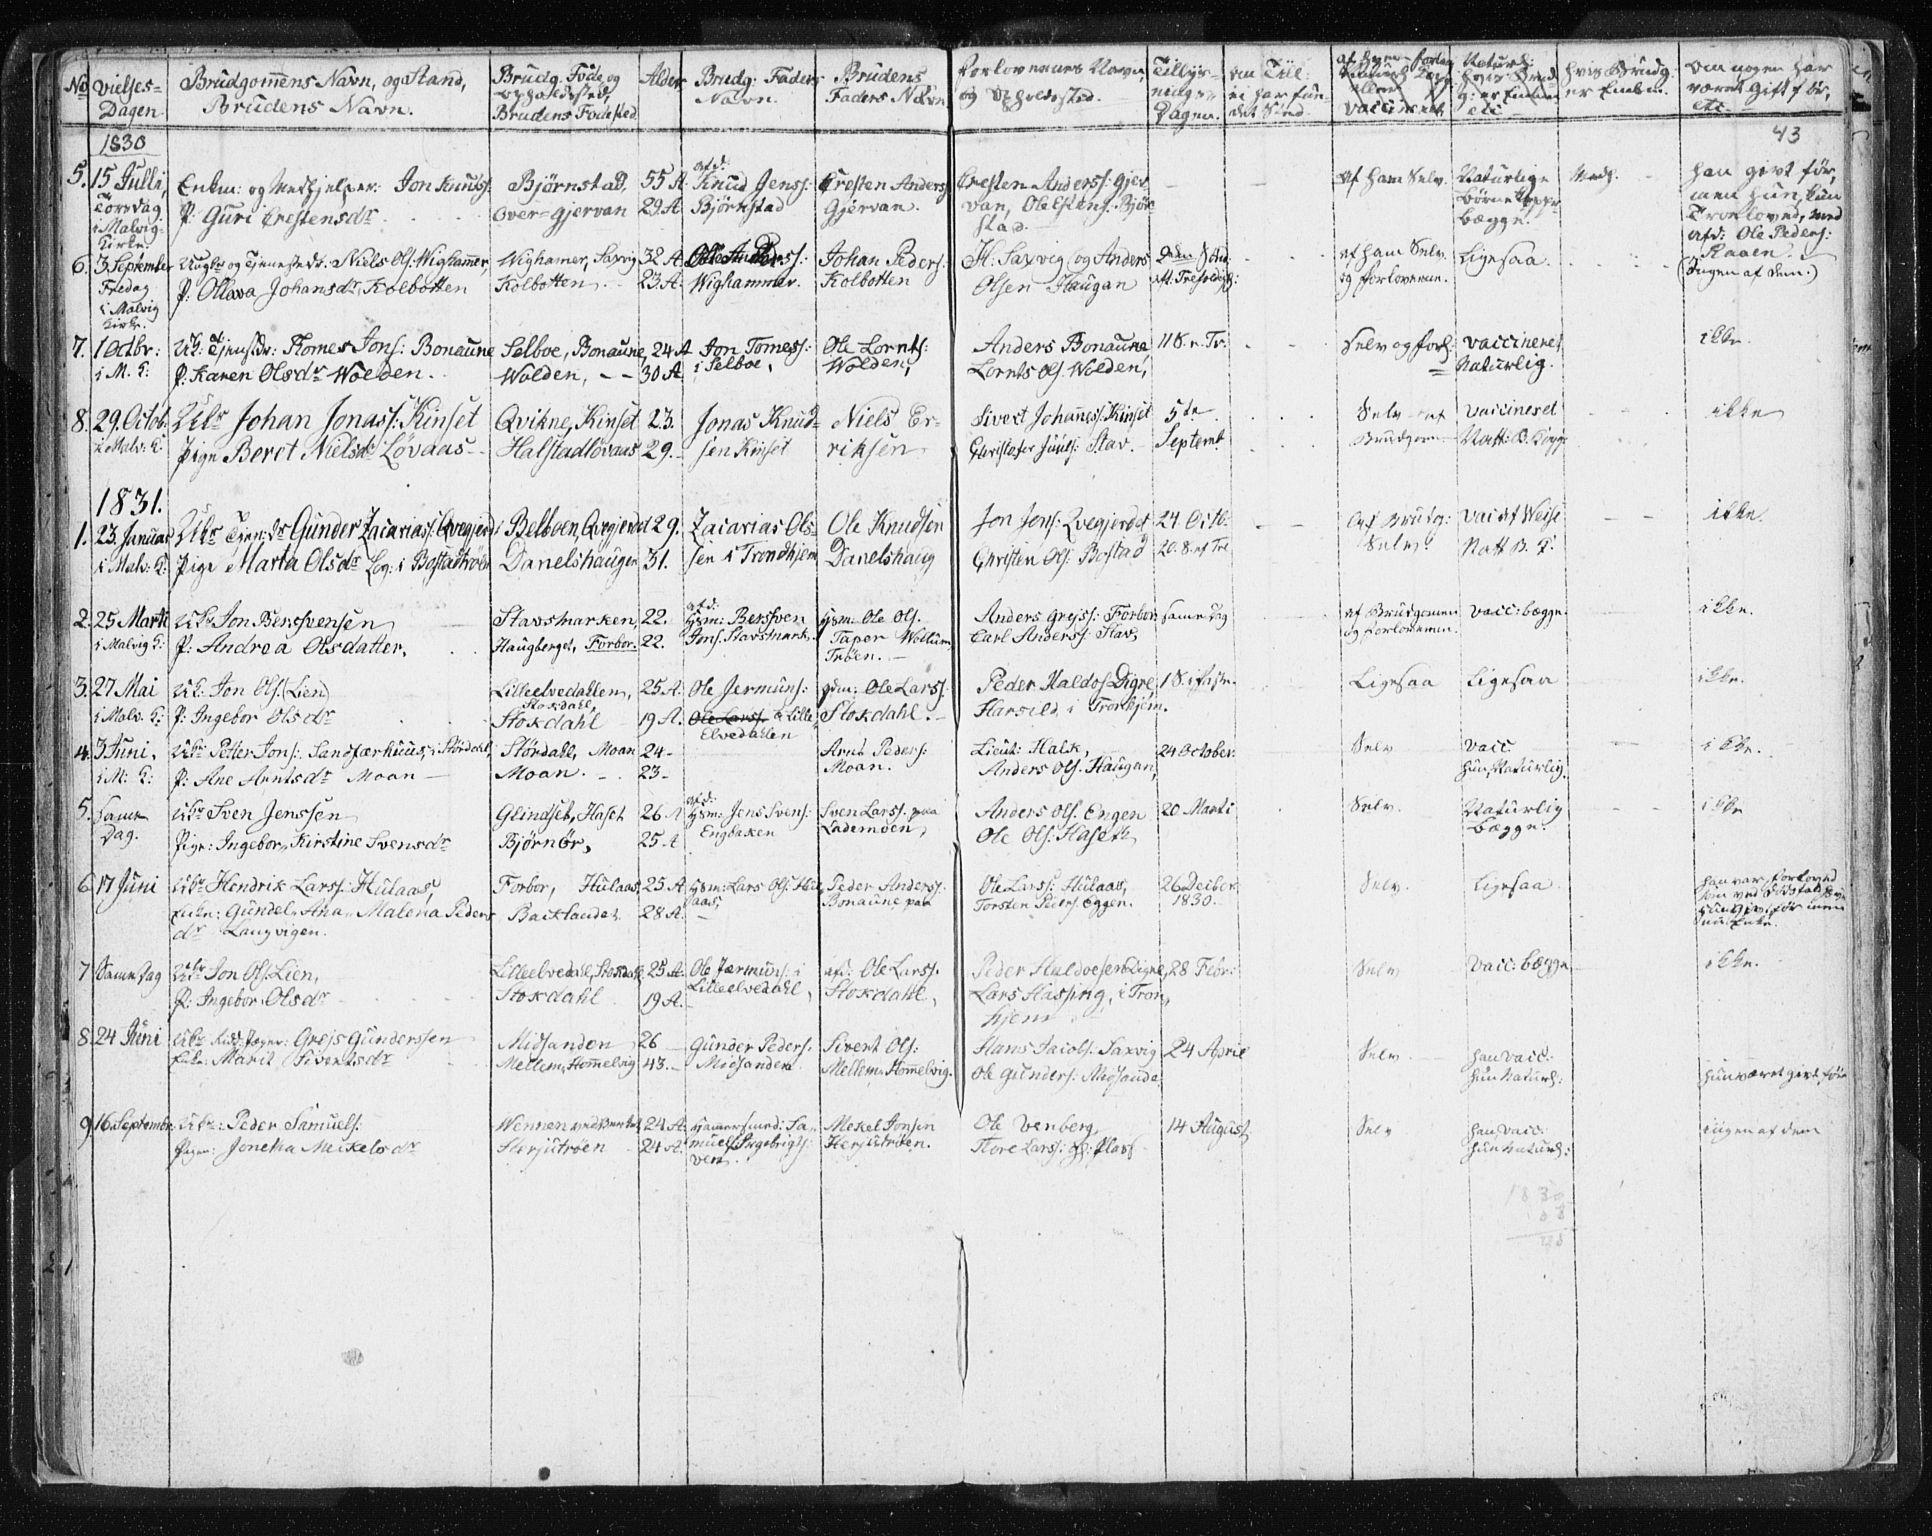 SAT, Ministerialprotokoller, klokkerbøker og fødselsregistre - Sør-Trøndelag, 616/L0404: Ministerialbok nr. 616A01, 1823-1831, s. 43